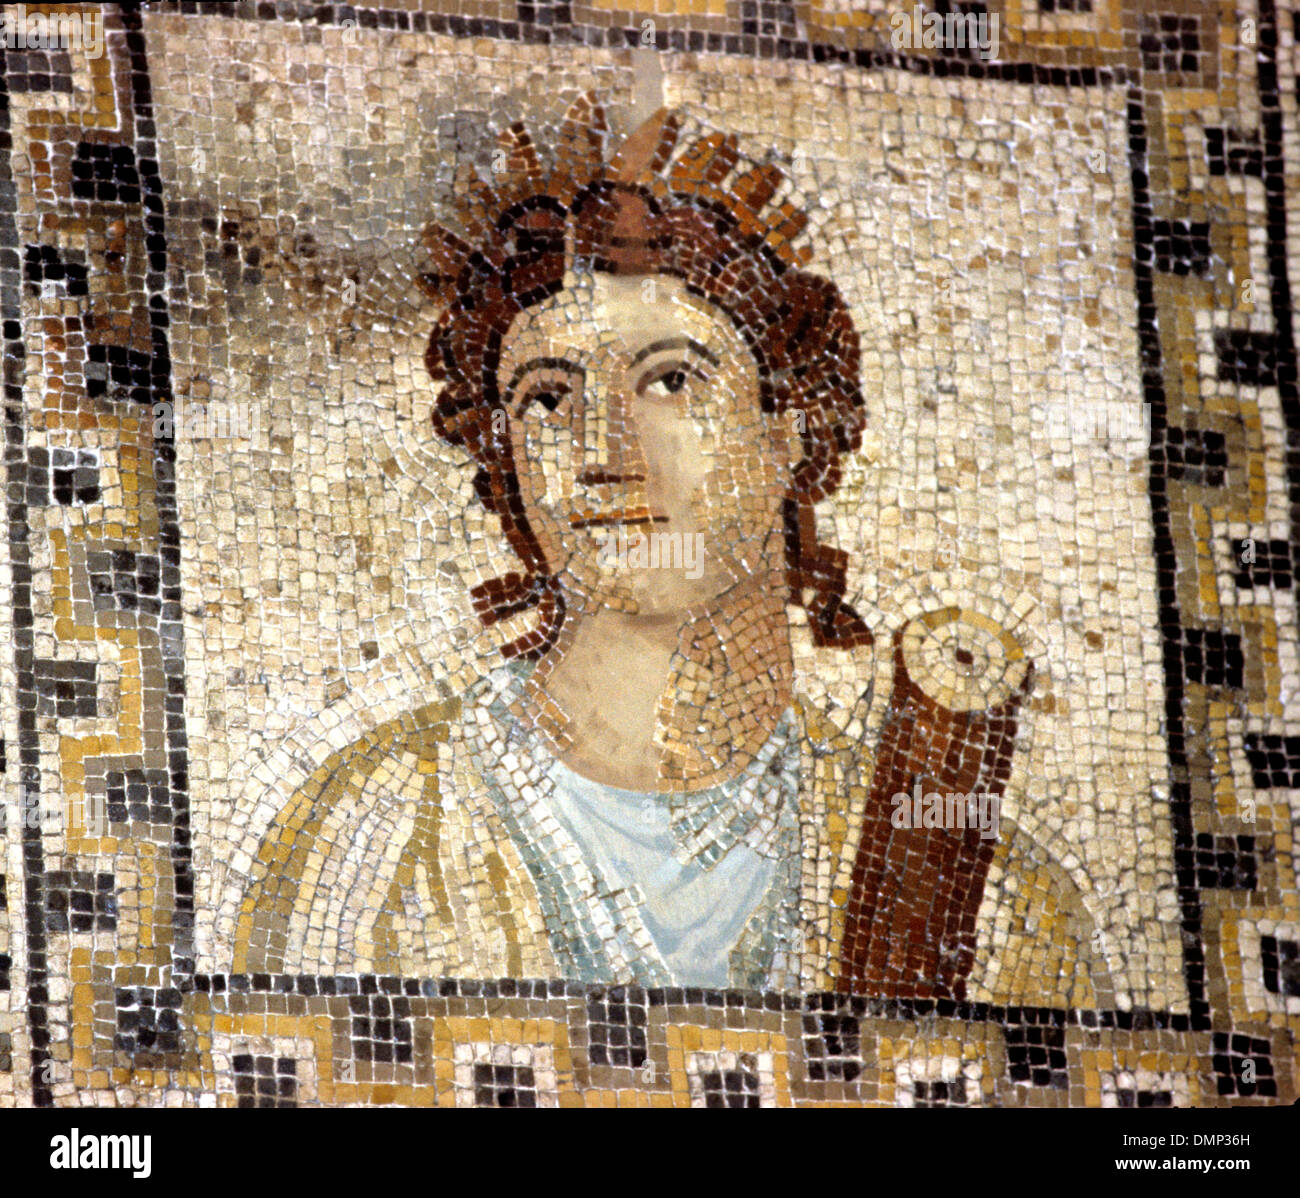 Período Romano-German. Mosaico. Clio, musa de la historia, llevando el desplazamiento. Imagen De Stock